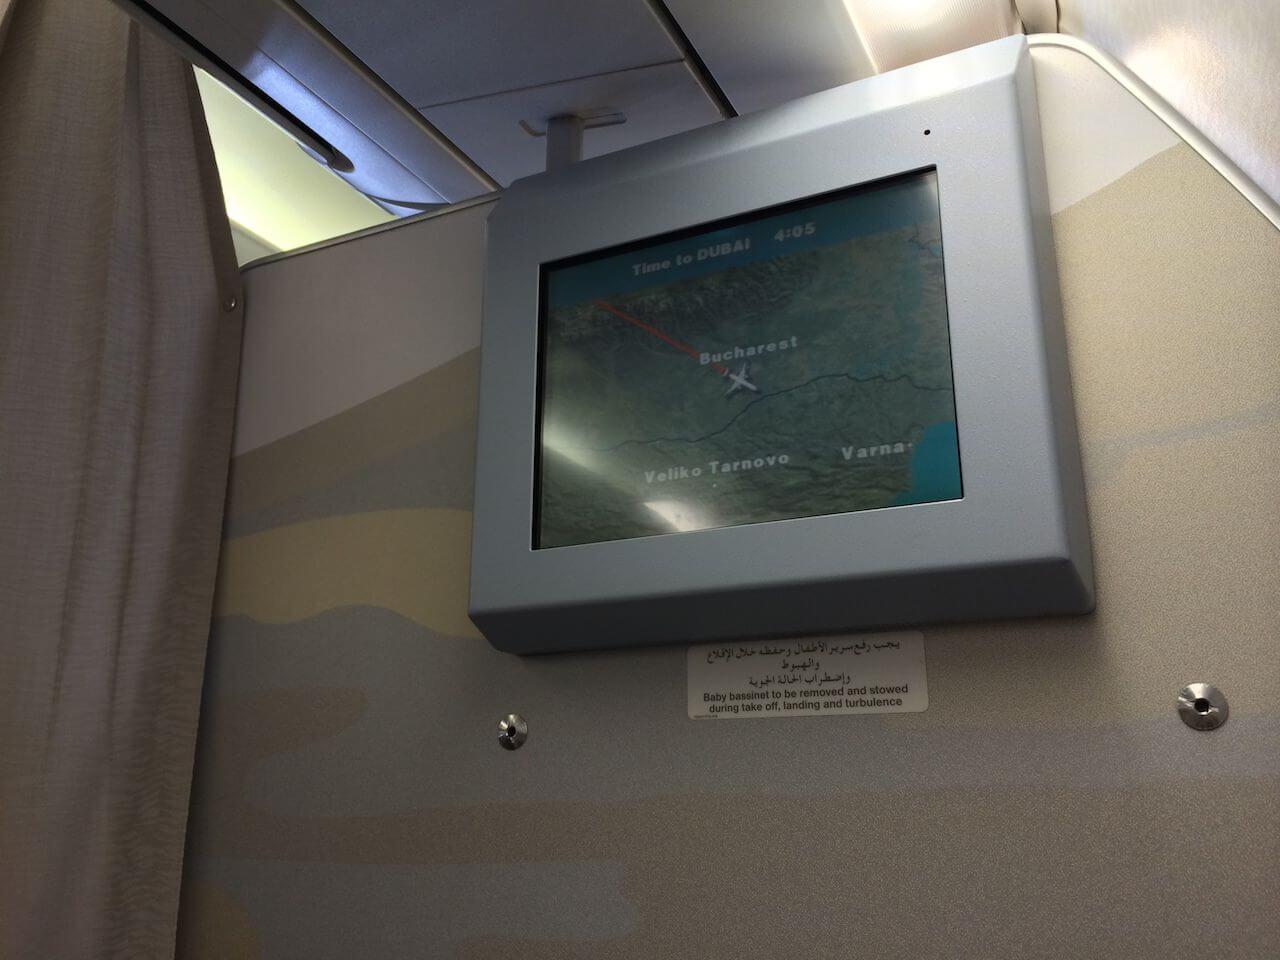 Są pasażerowie, którzy przez całą podróż patrzą się w monitor, obserwując trasę lotu. Ja tak bym nie mógł. Tak jak spoglądanie ciągle na zegarek. Czas płynie wolniej.